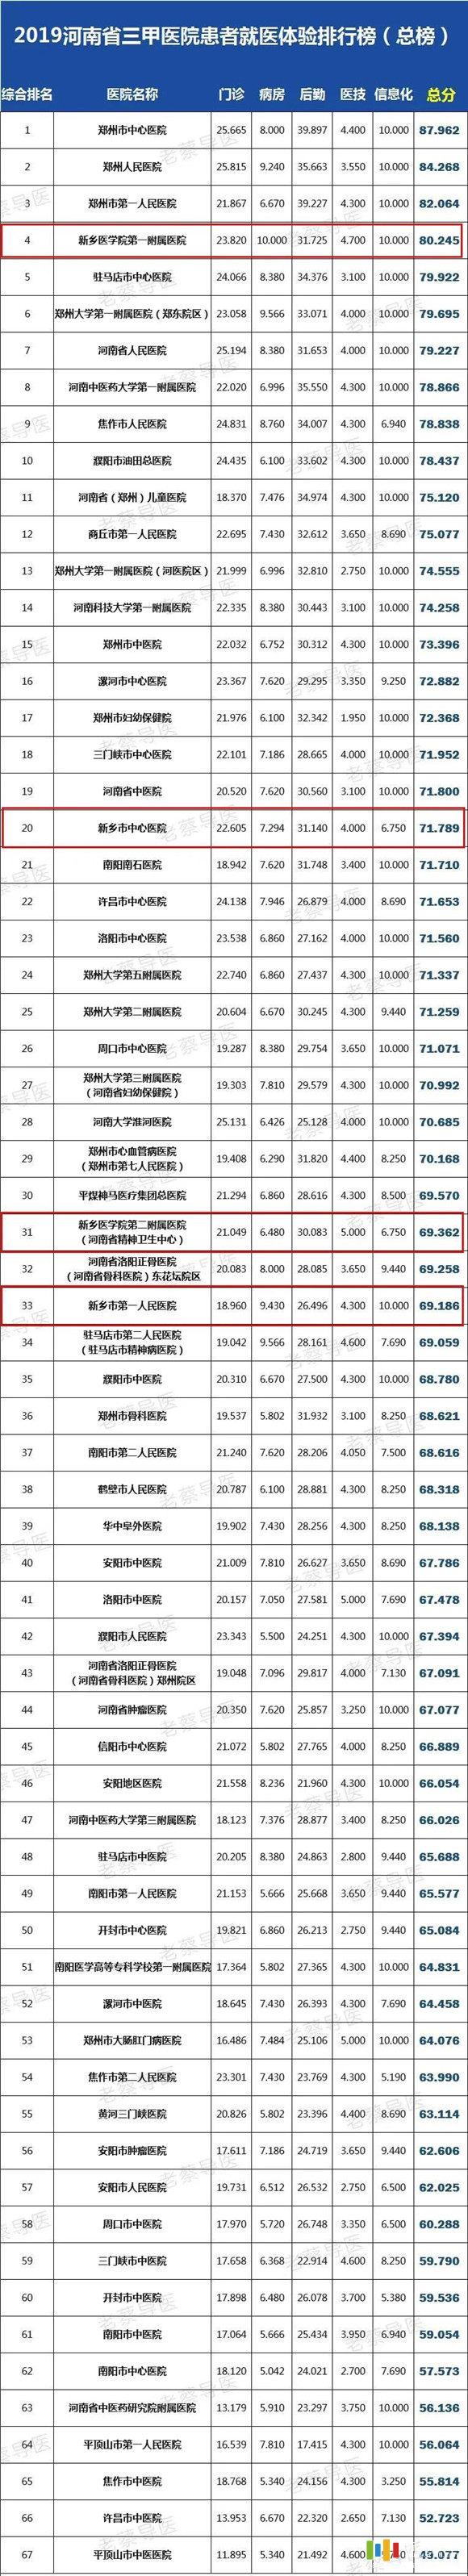 2020年河南省医院排名